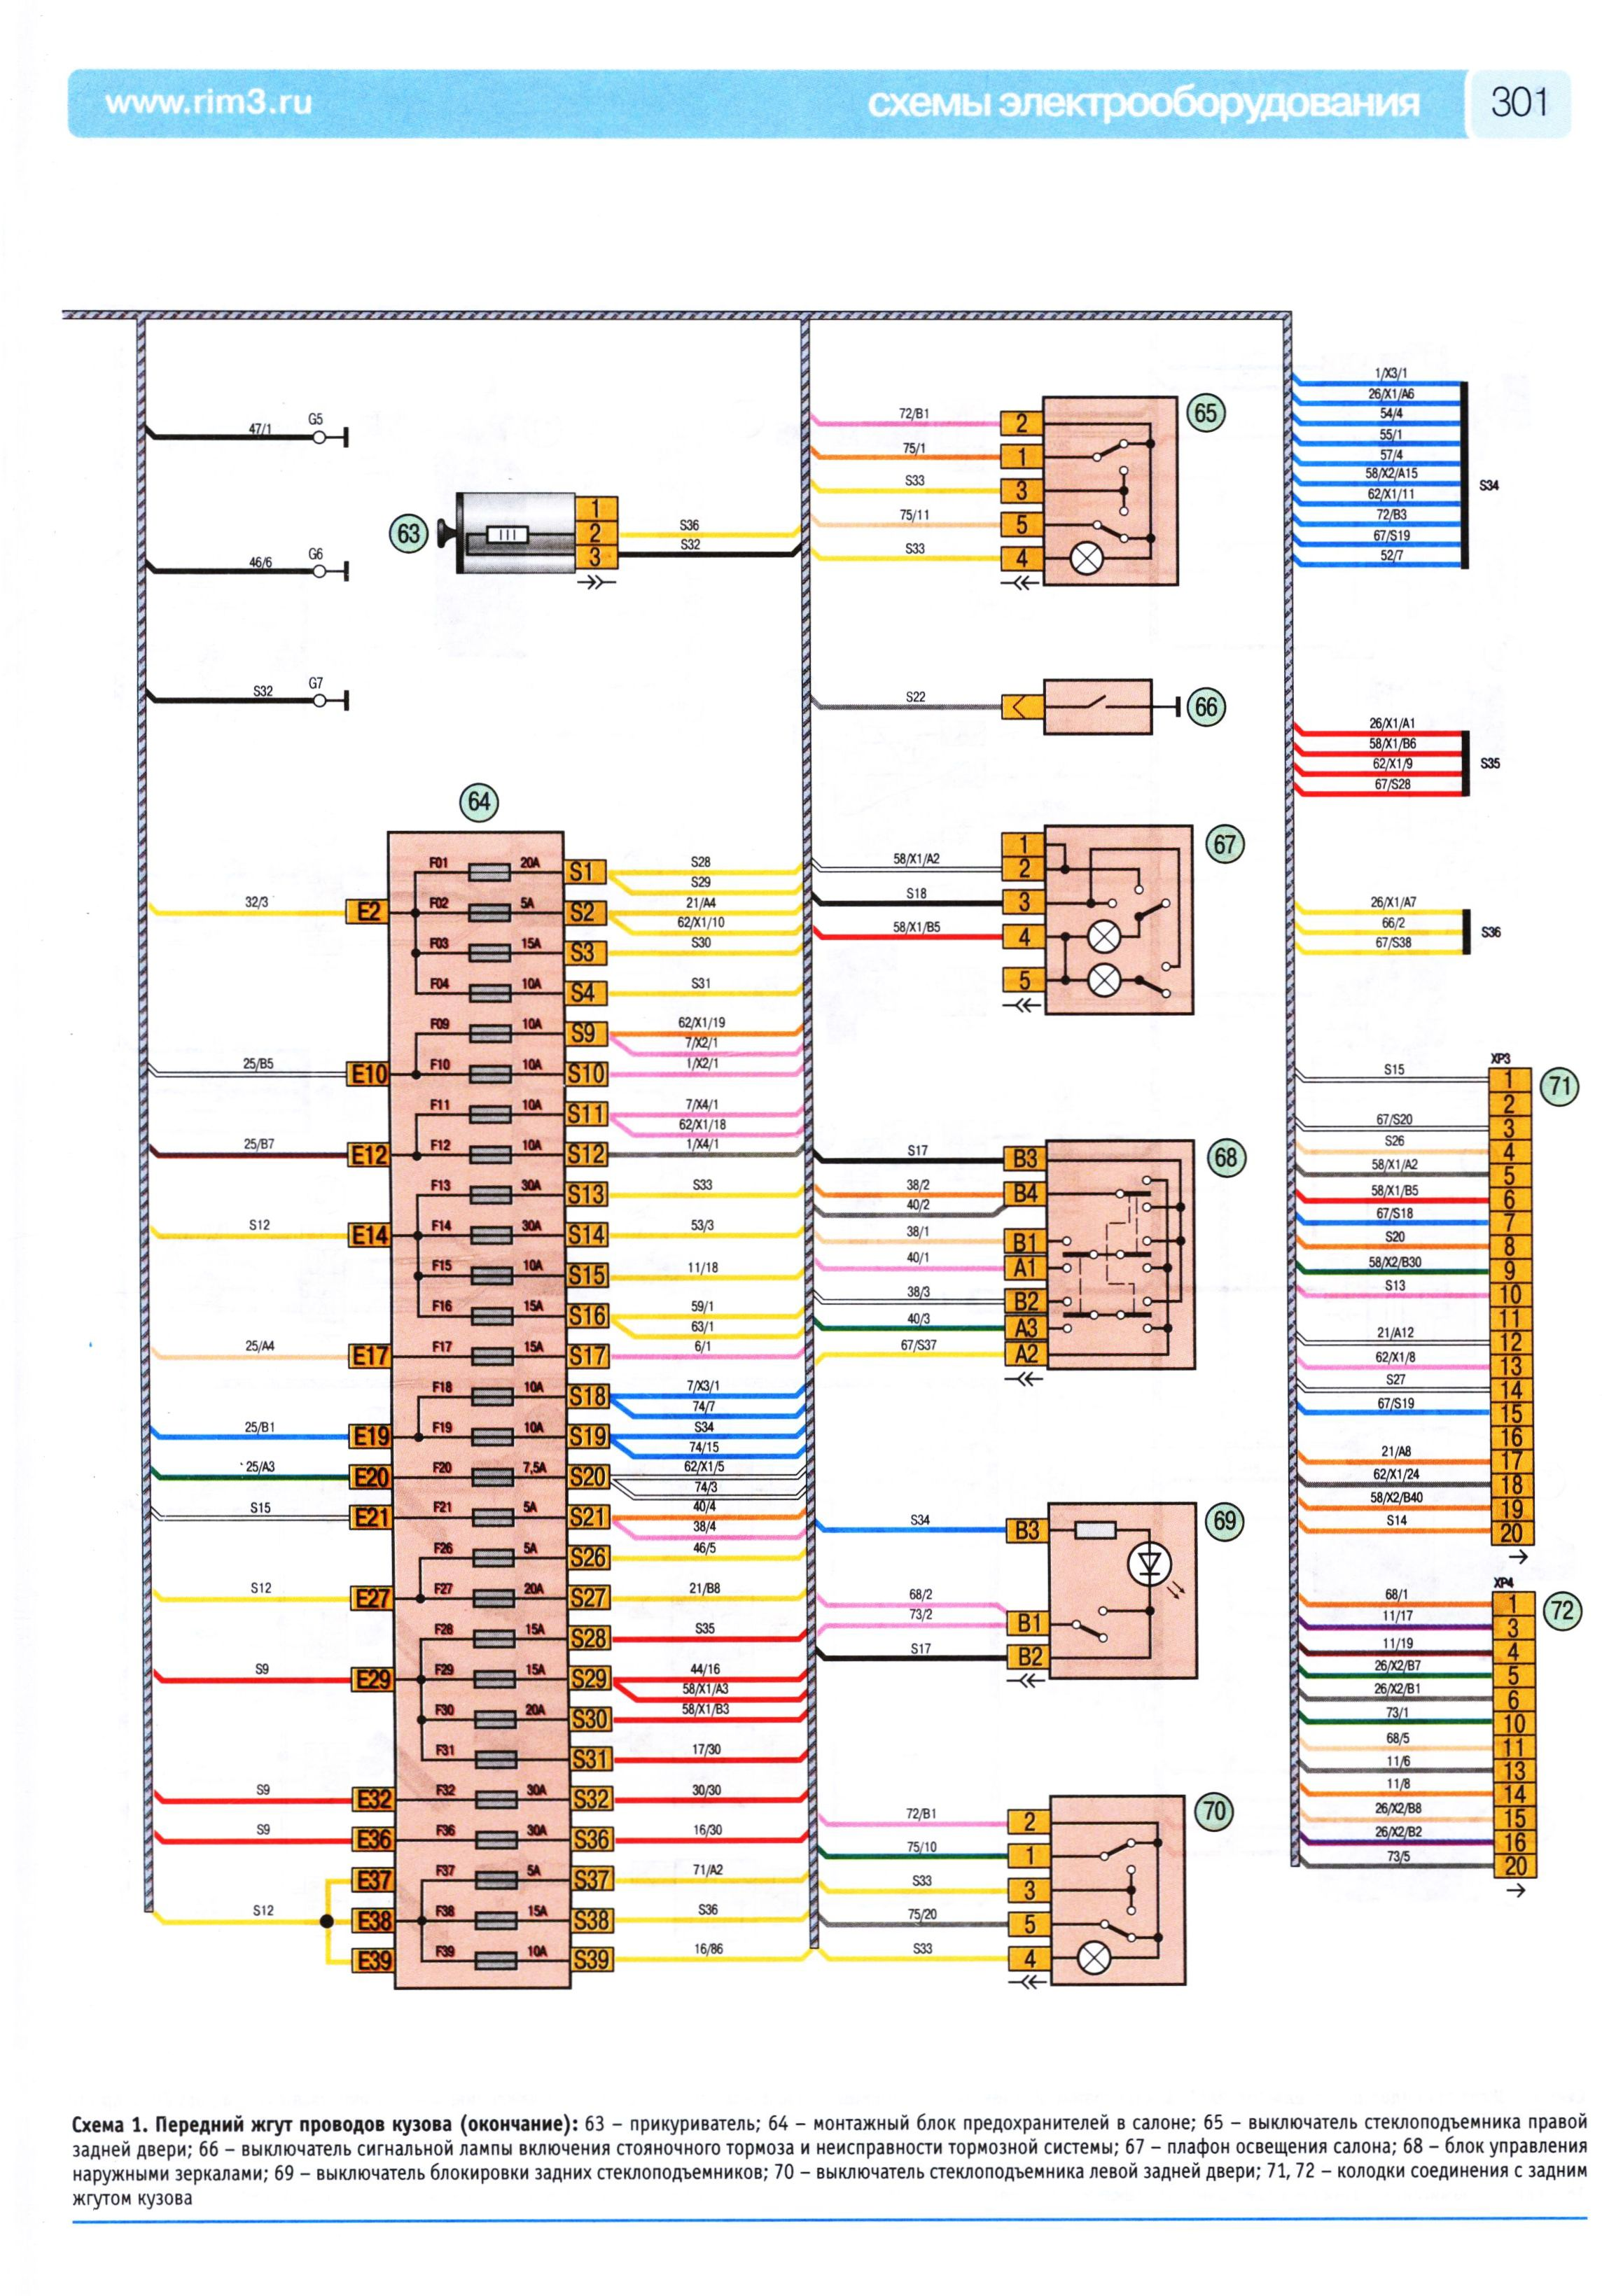 Схема предохранителей ниссана альмера